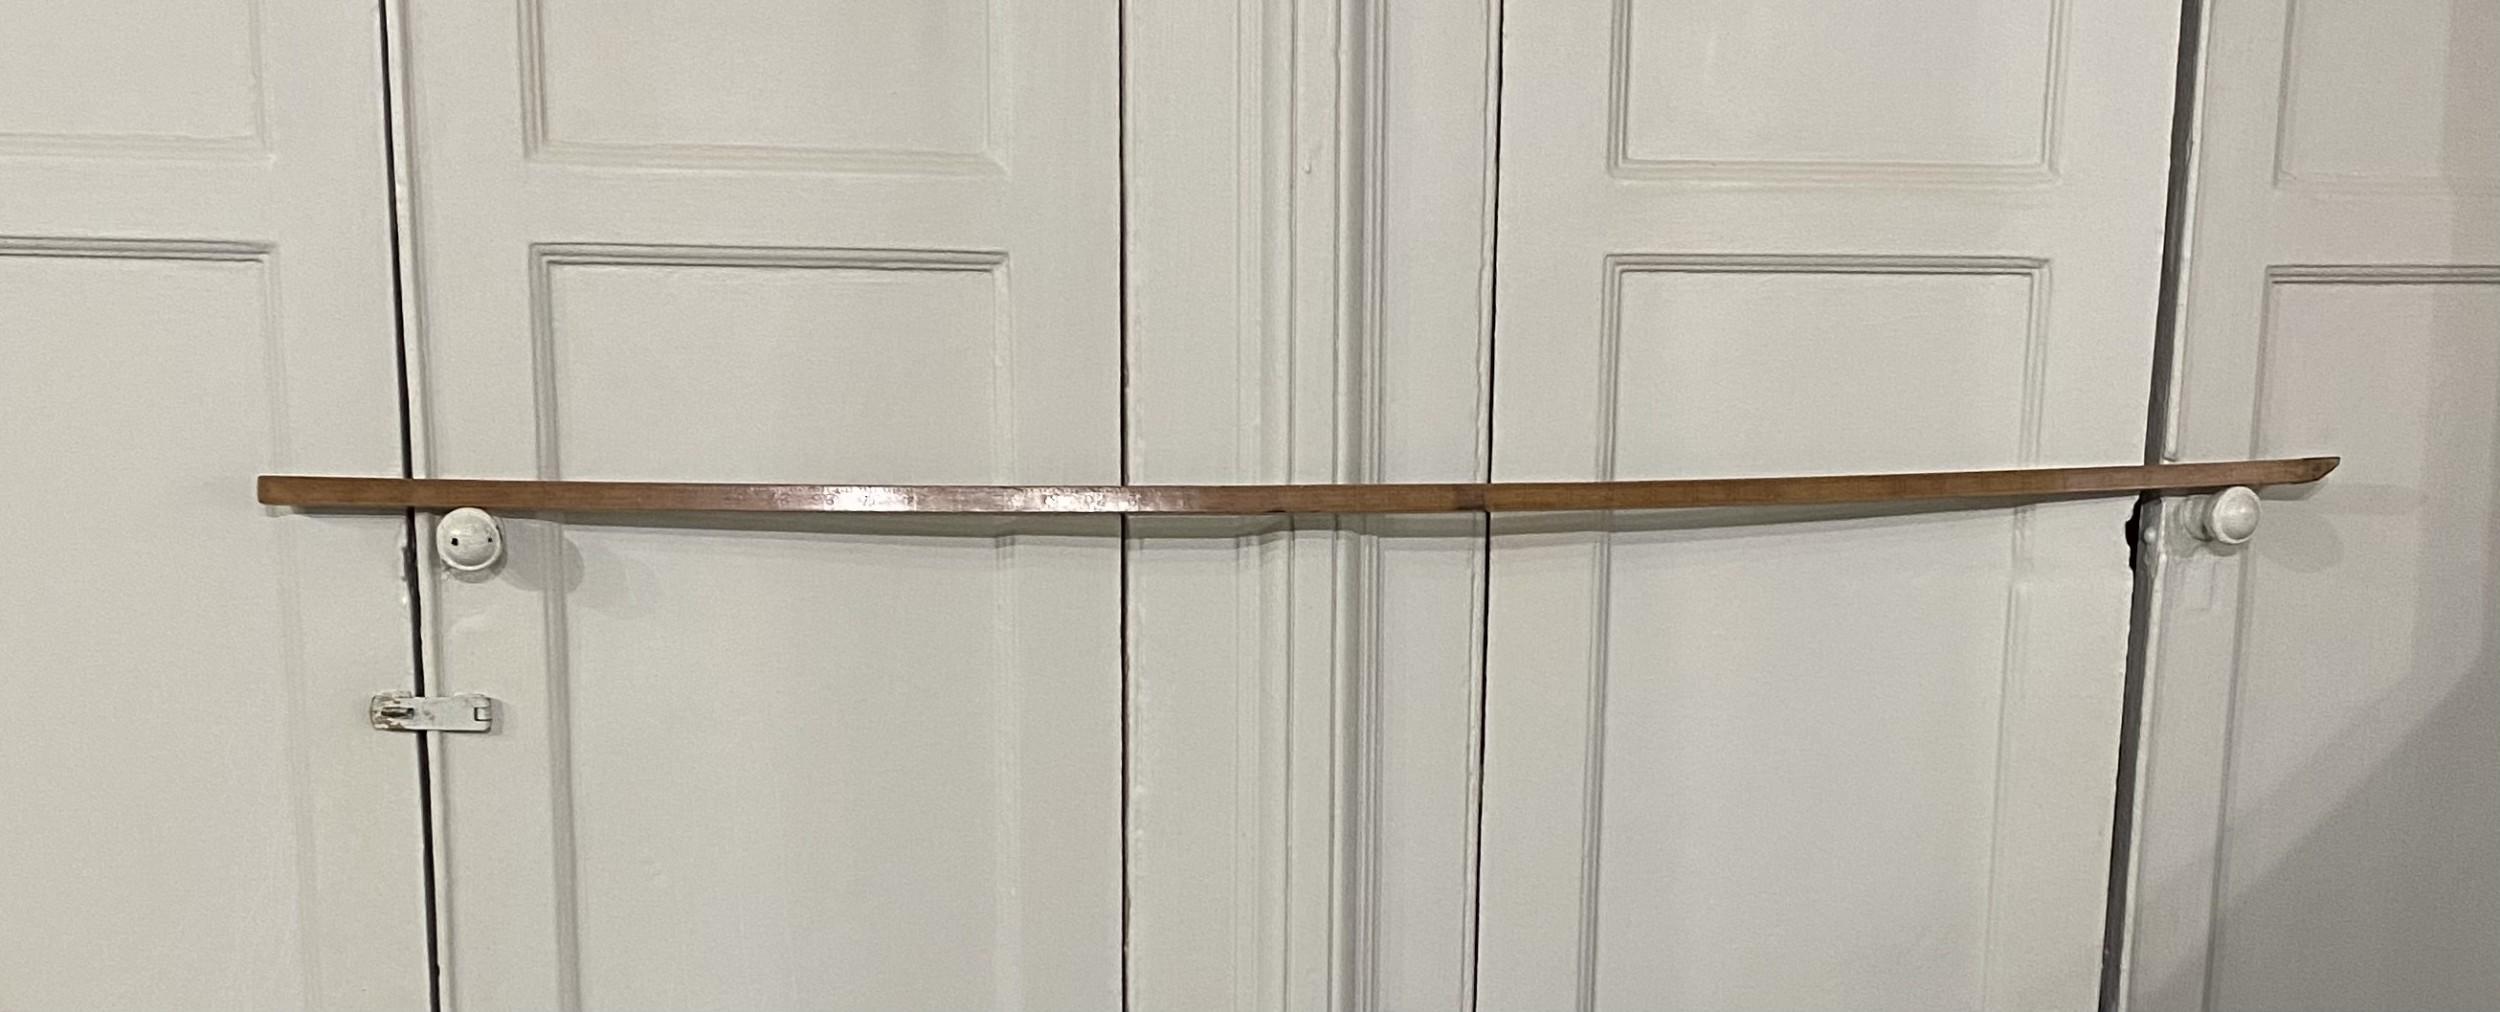 a treen regency ale house barrel measuring rod